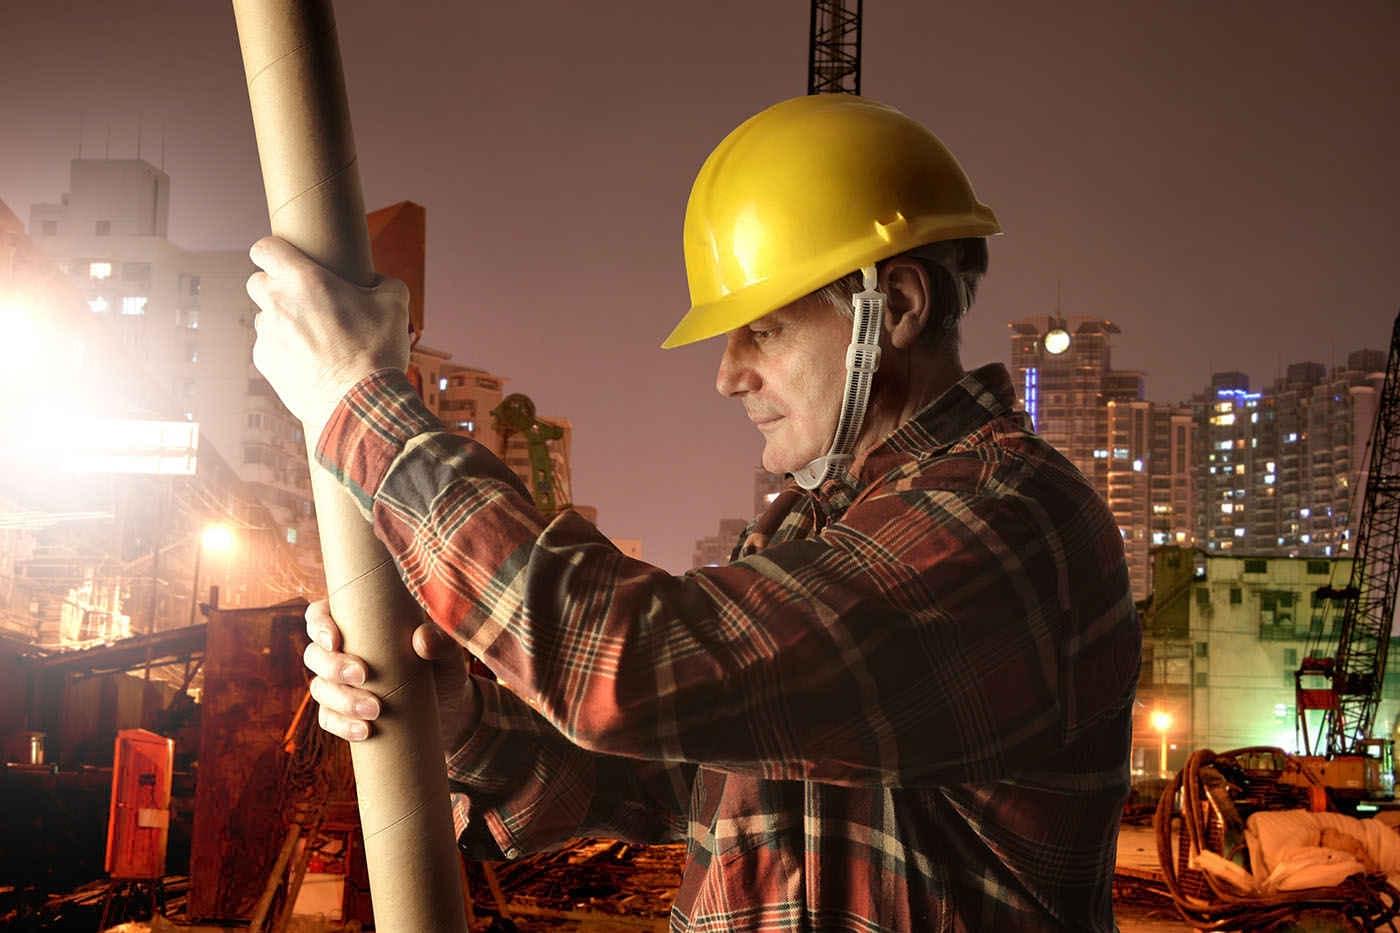 Riscul de cancer, mai crescut la persoanele care lucrează de noapte [studiu]